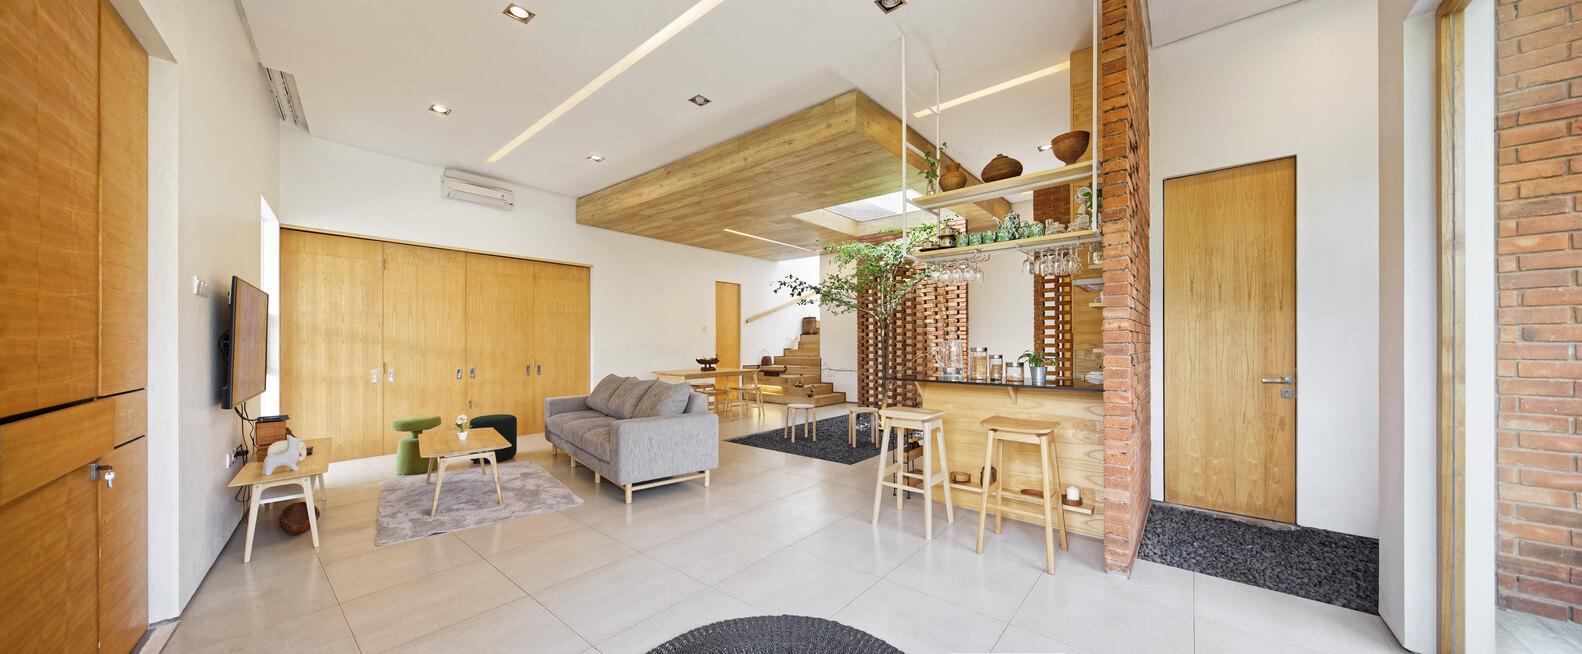 Konsep Ruang Terbuka untuk Rumah yang Lebih Nyaman (Sumber: archdaily.com)